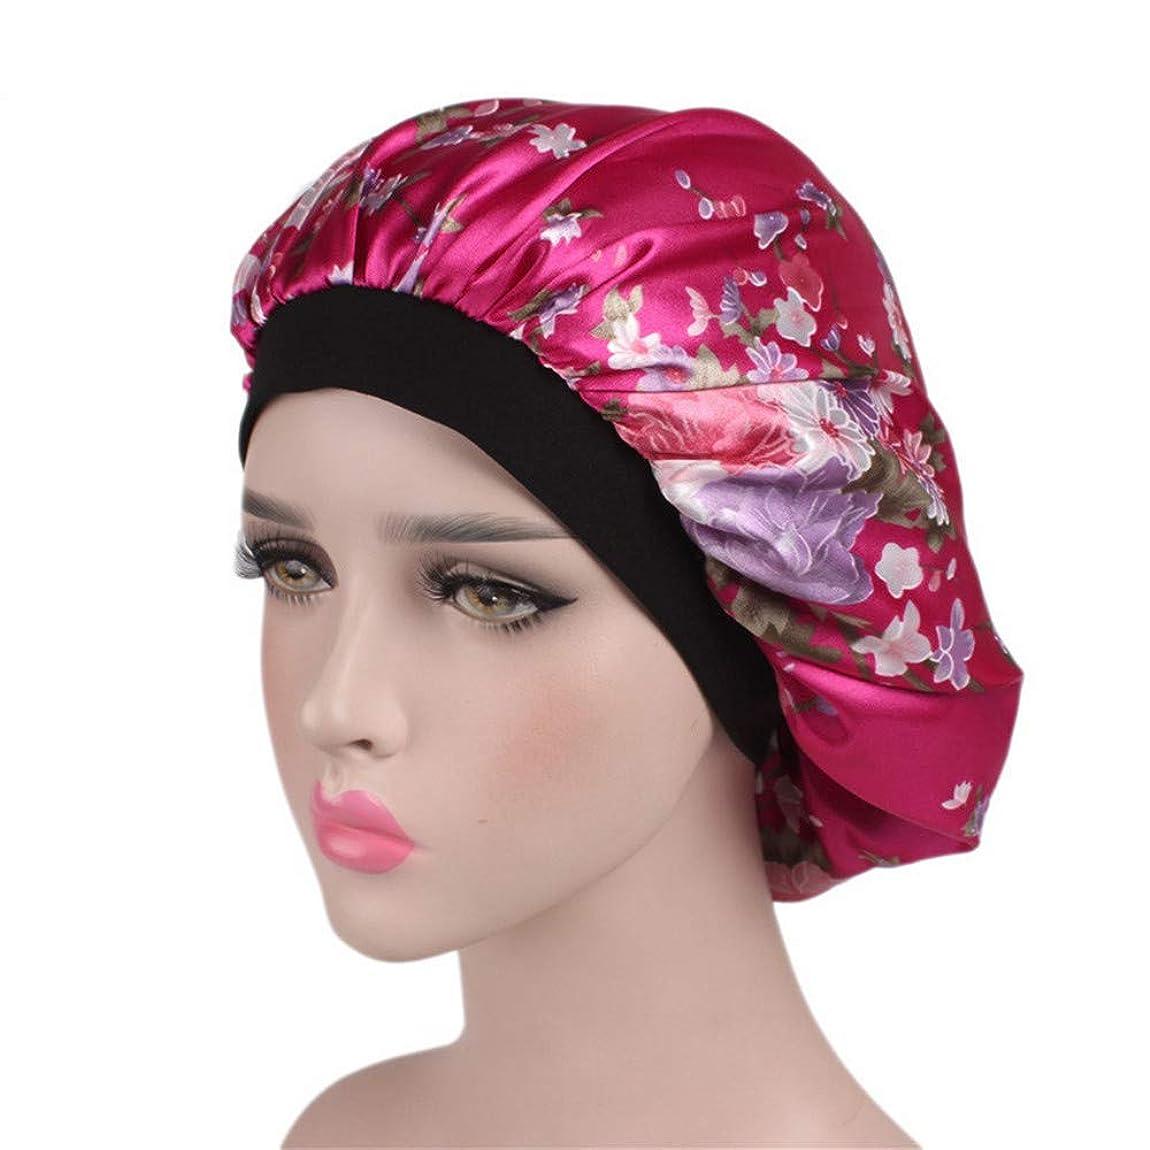 鉛バブル昇る弾性スリーピングキャップ ソフトサテン寝袋サロンボンネットナイトハット脱毛ケモキャップ女性用 (色 : C8)